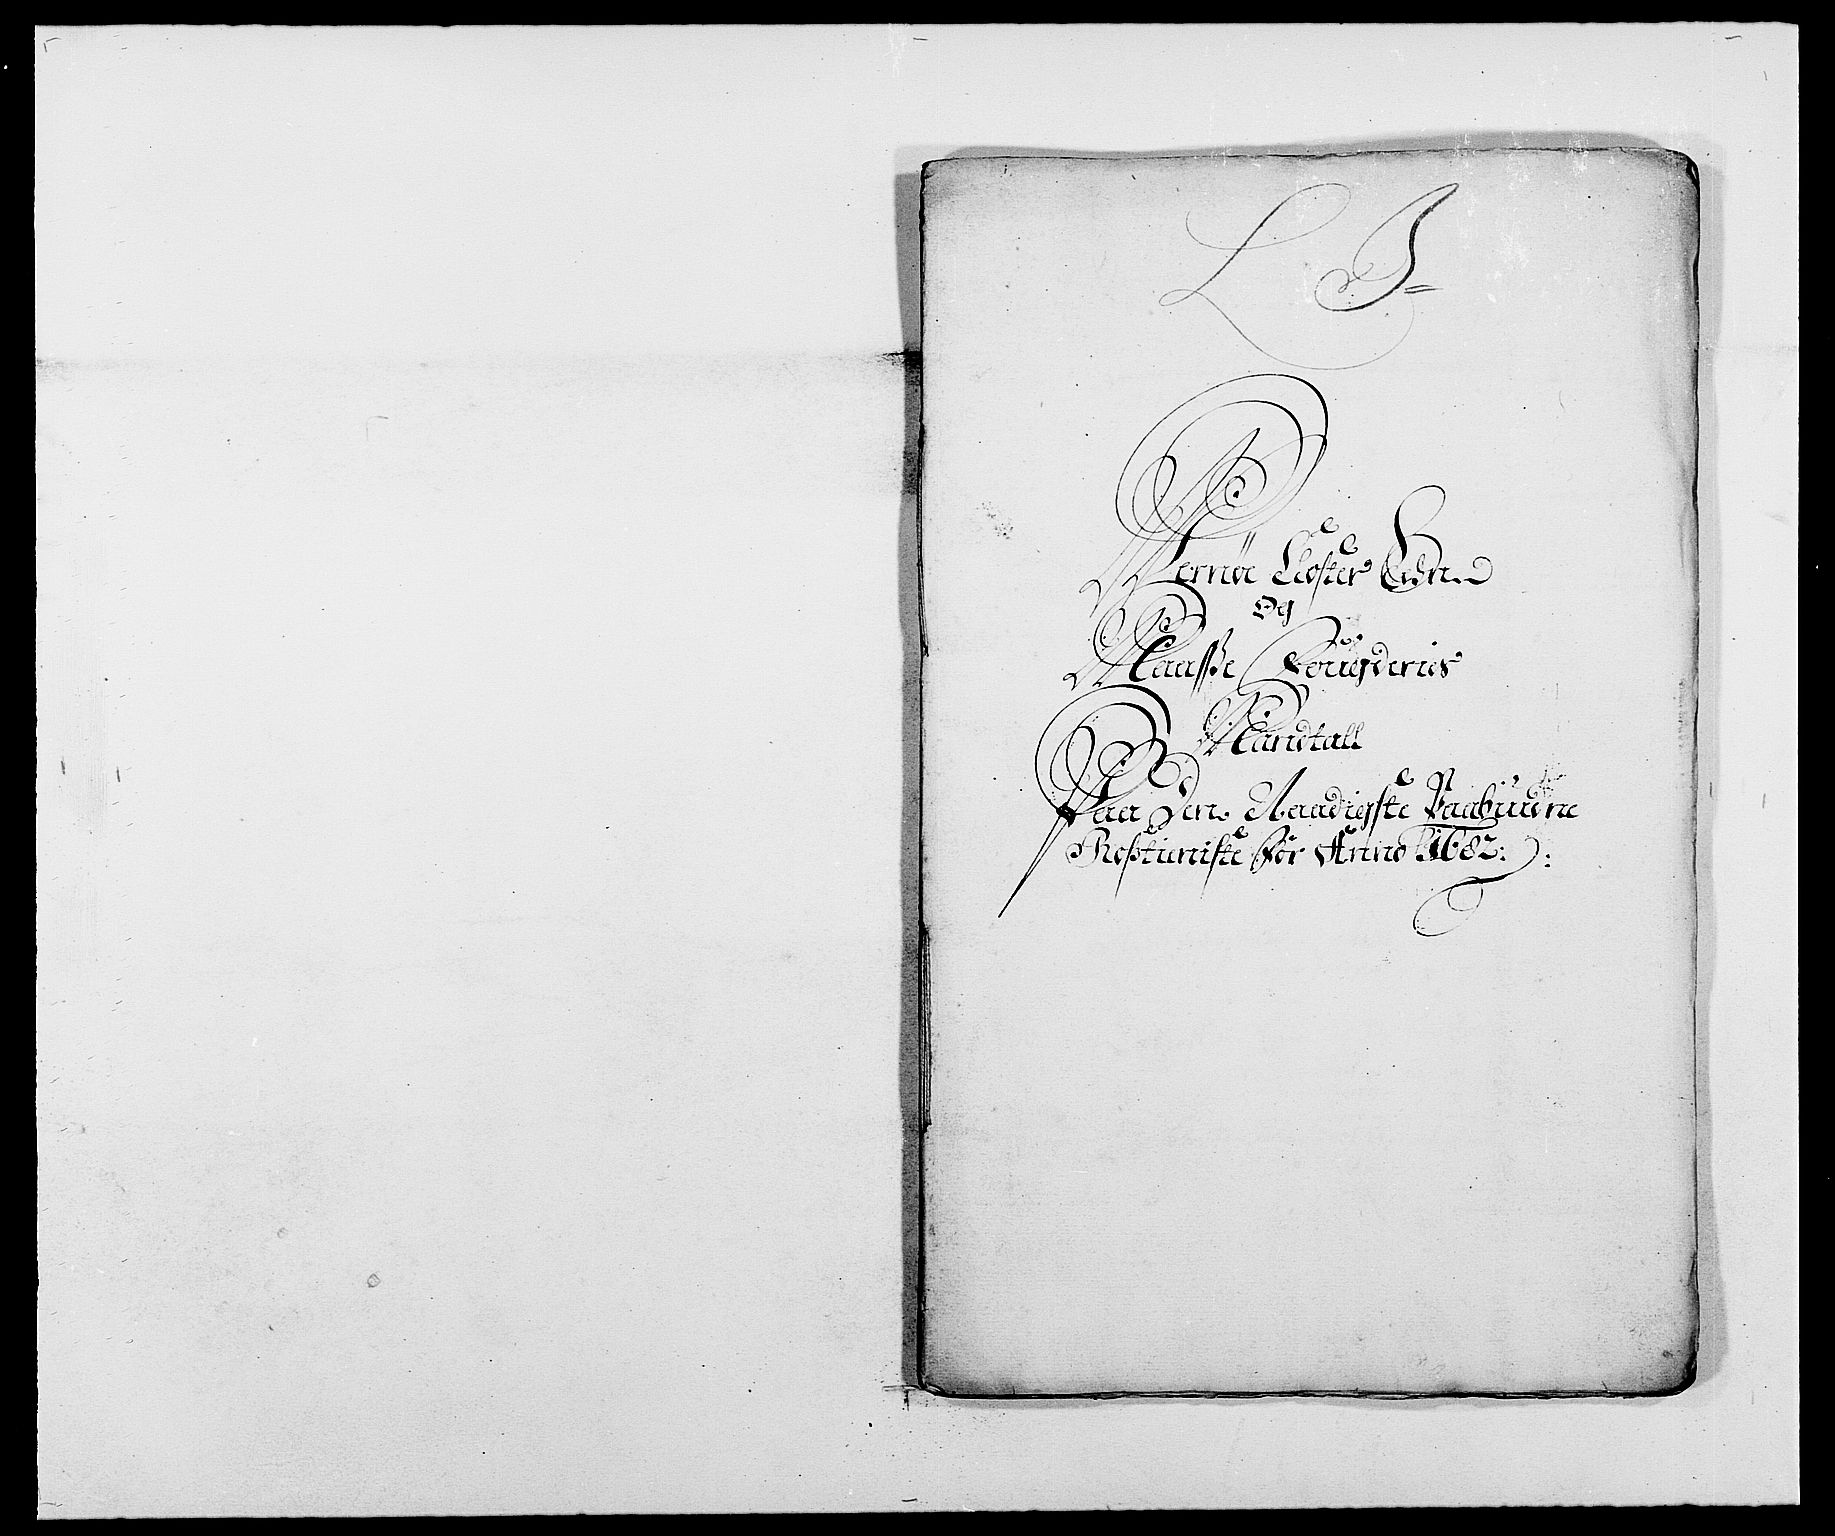 RA, Rentekammeret inntil 1814, Reviderte regnskaper, Fogderegnskap, R02/L0103: Fogderegnskap Moss og Verne kloster, 1682-1684, s. 240